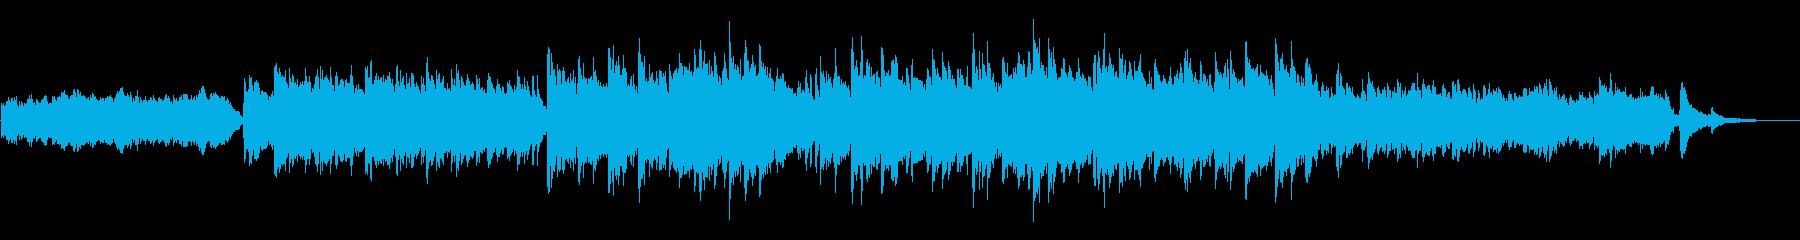 感動した日のBGMの再生済みの波形